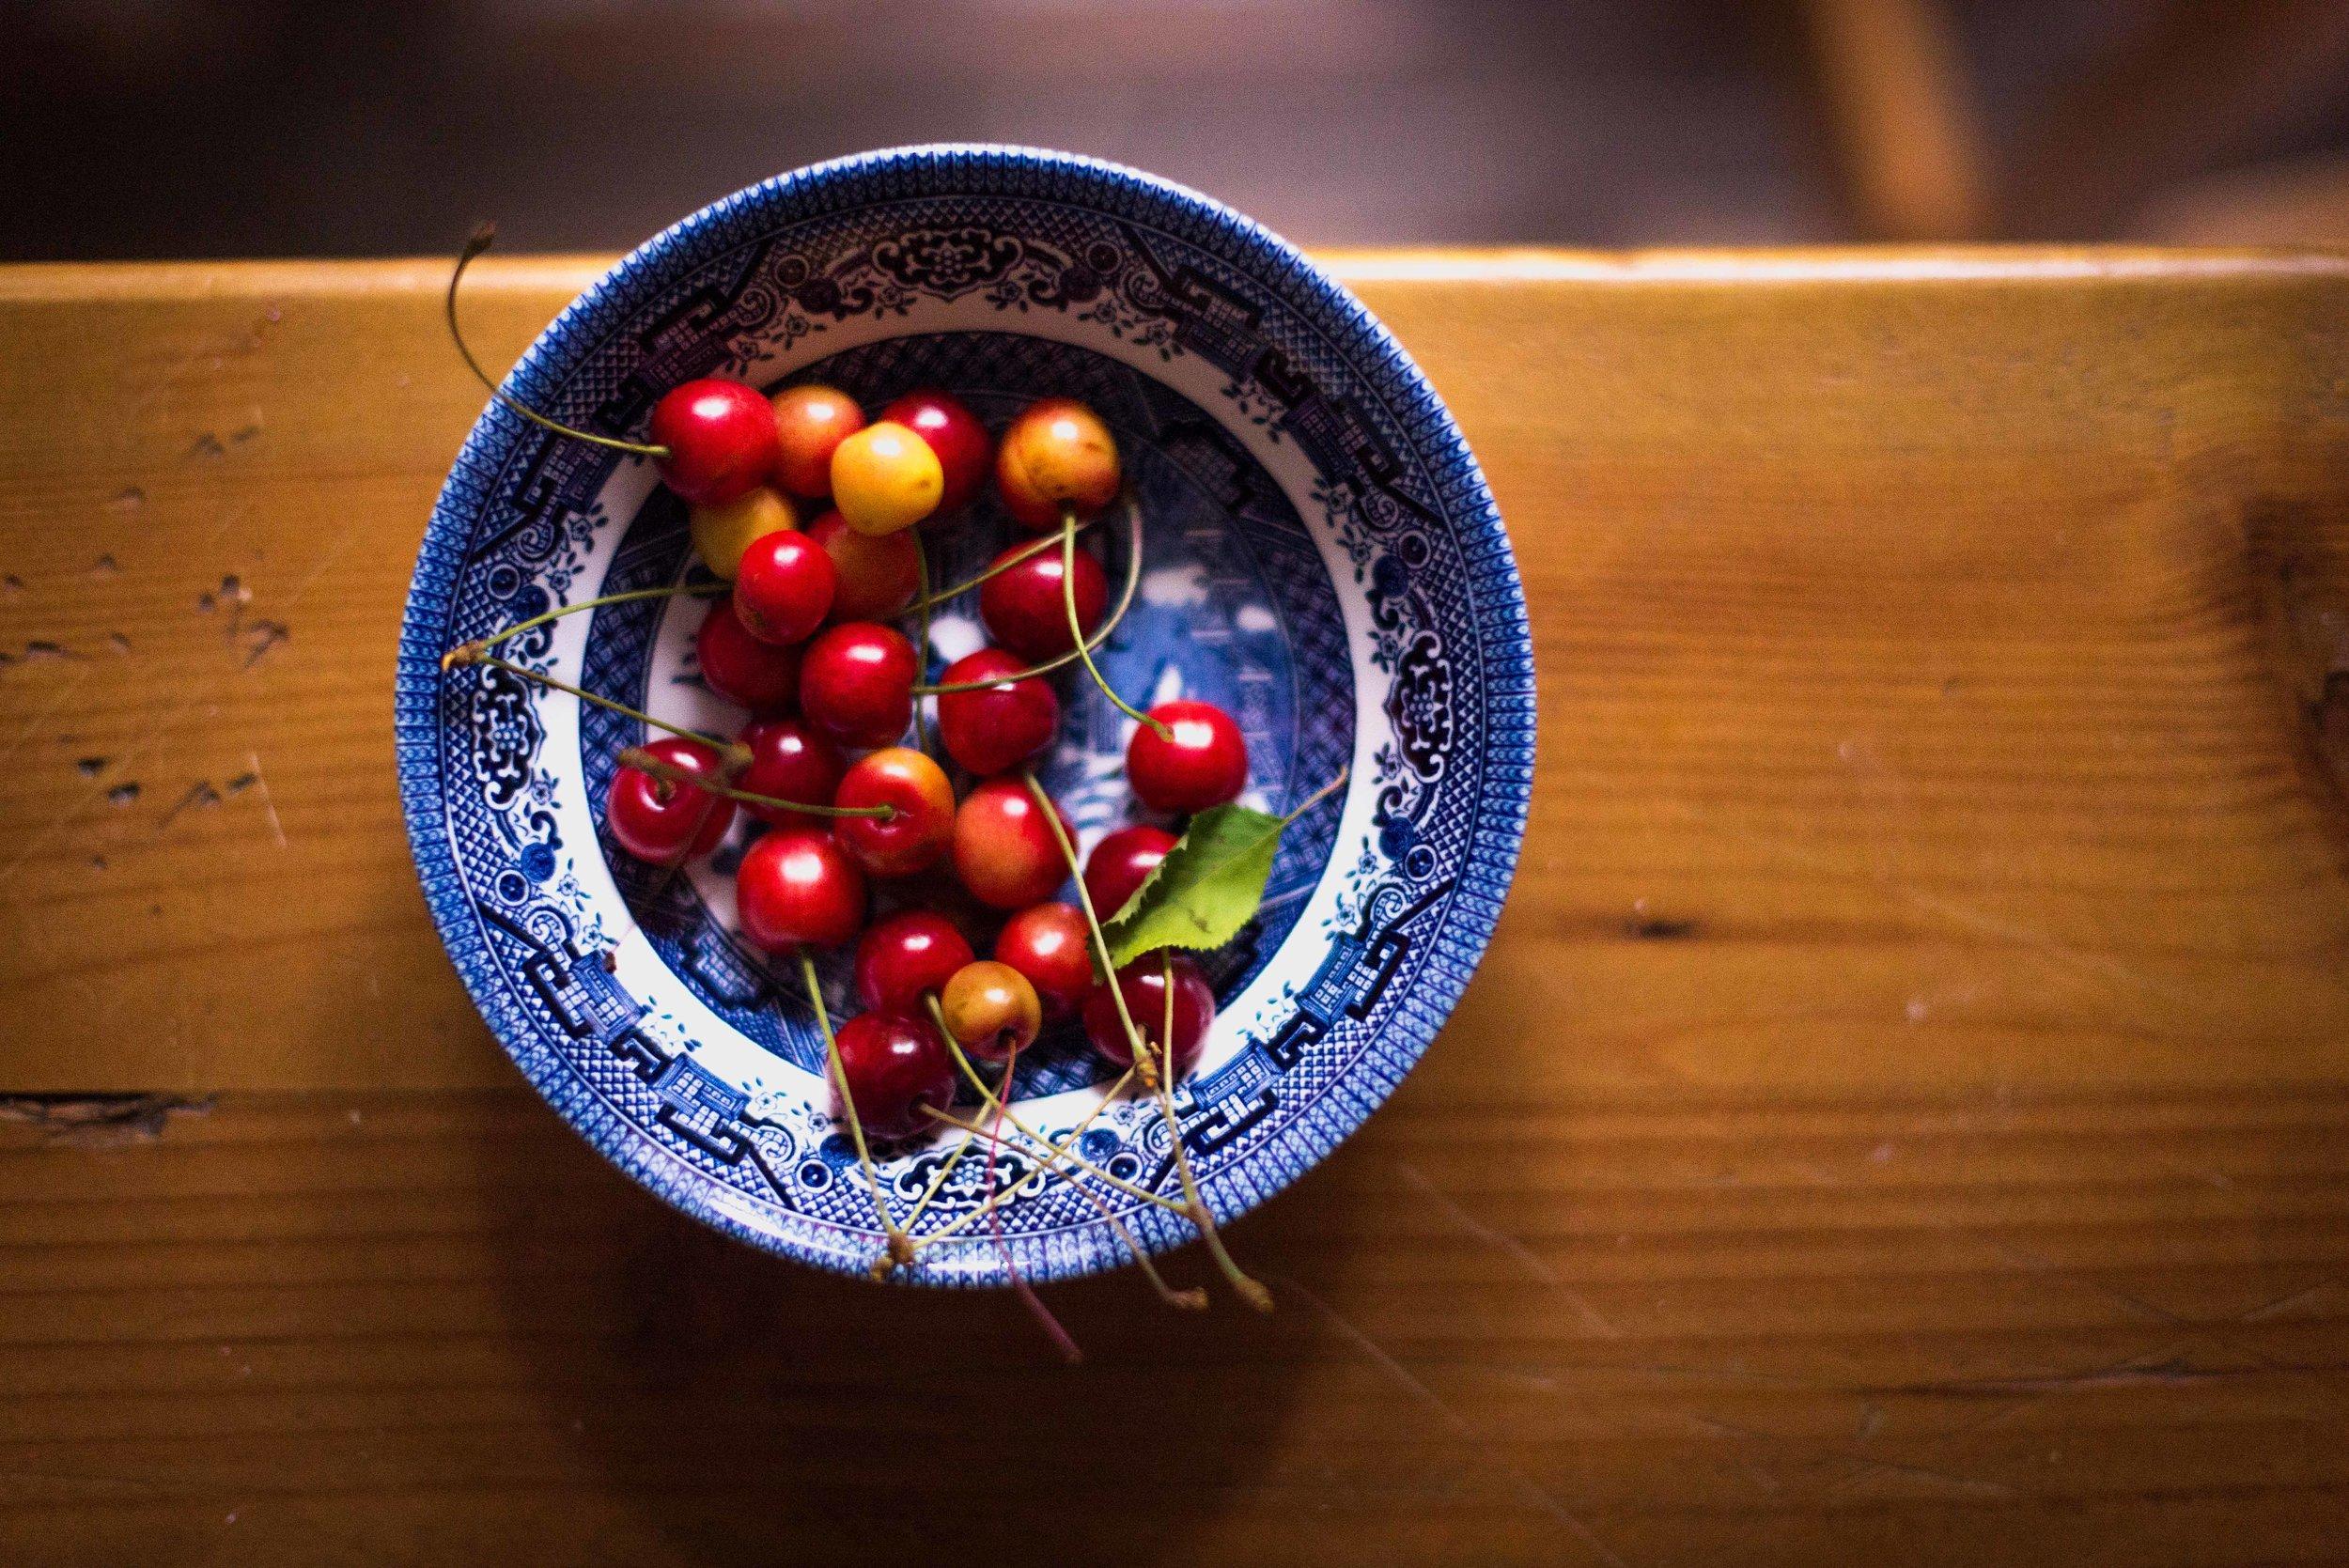 bowl of cherries II.jpg